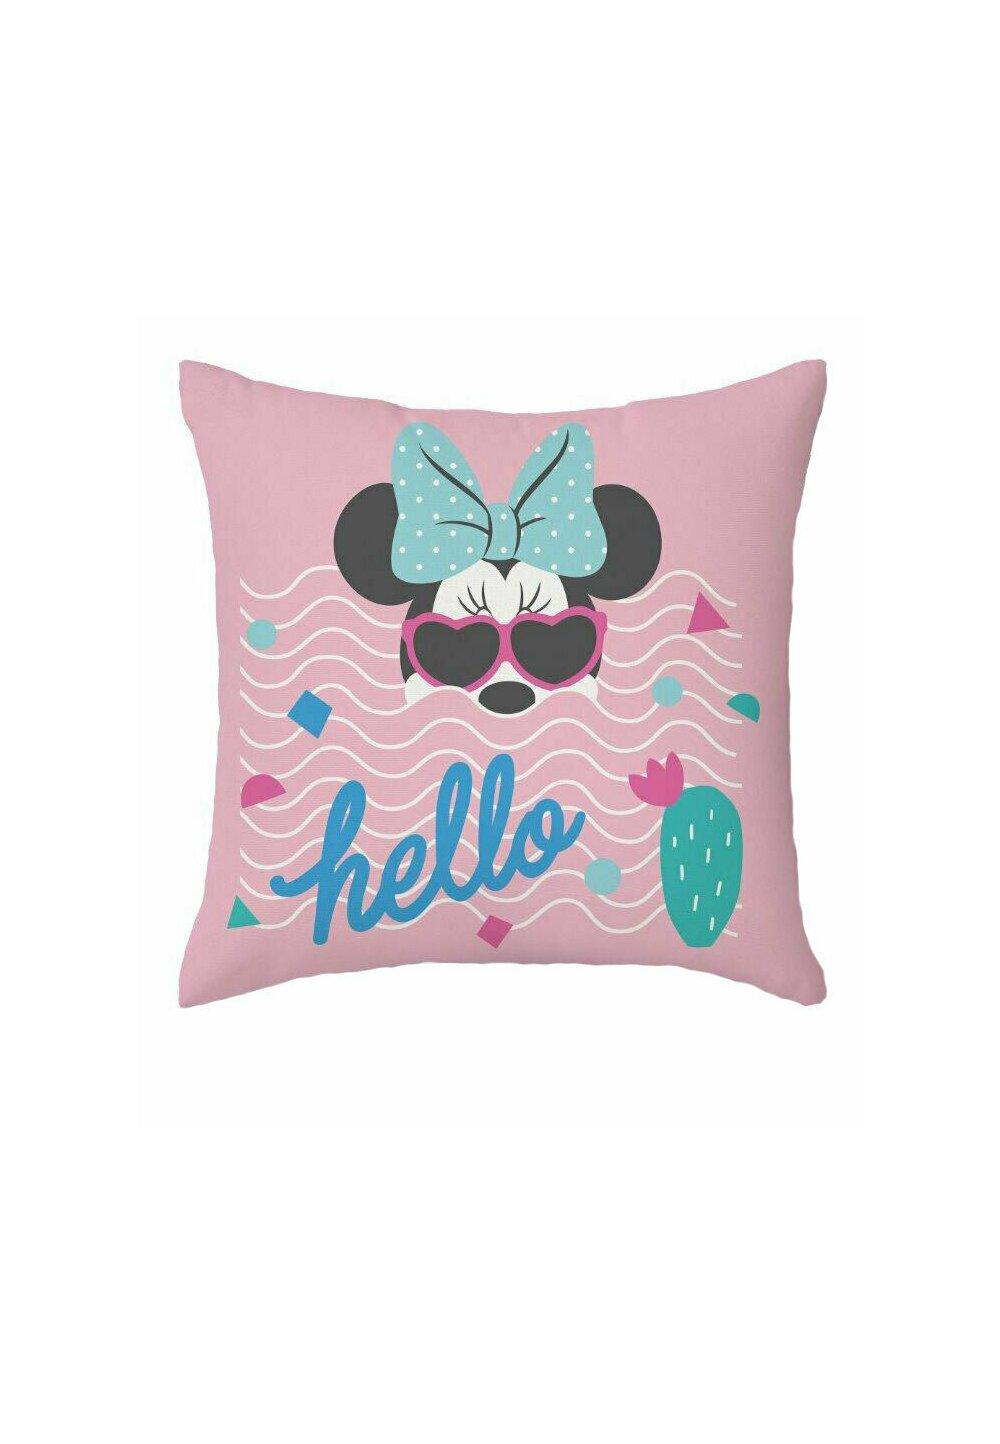 Fata perna, Minnie Mouse, Hello, roz, 40x40 cm imagine